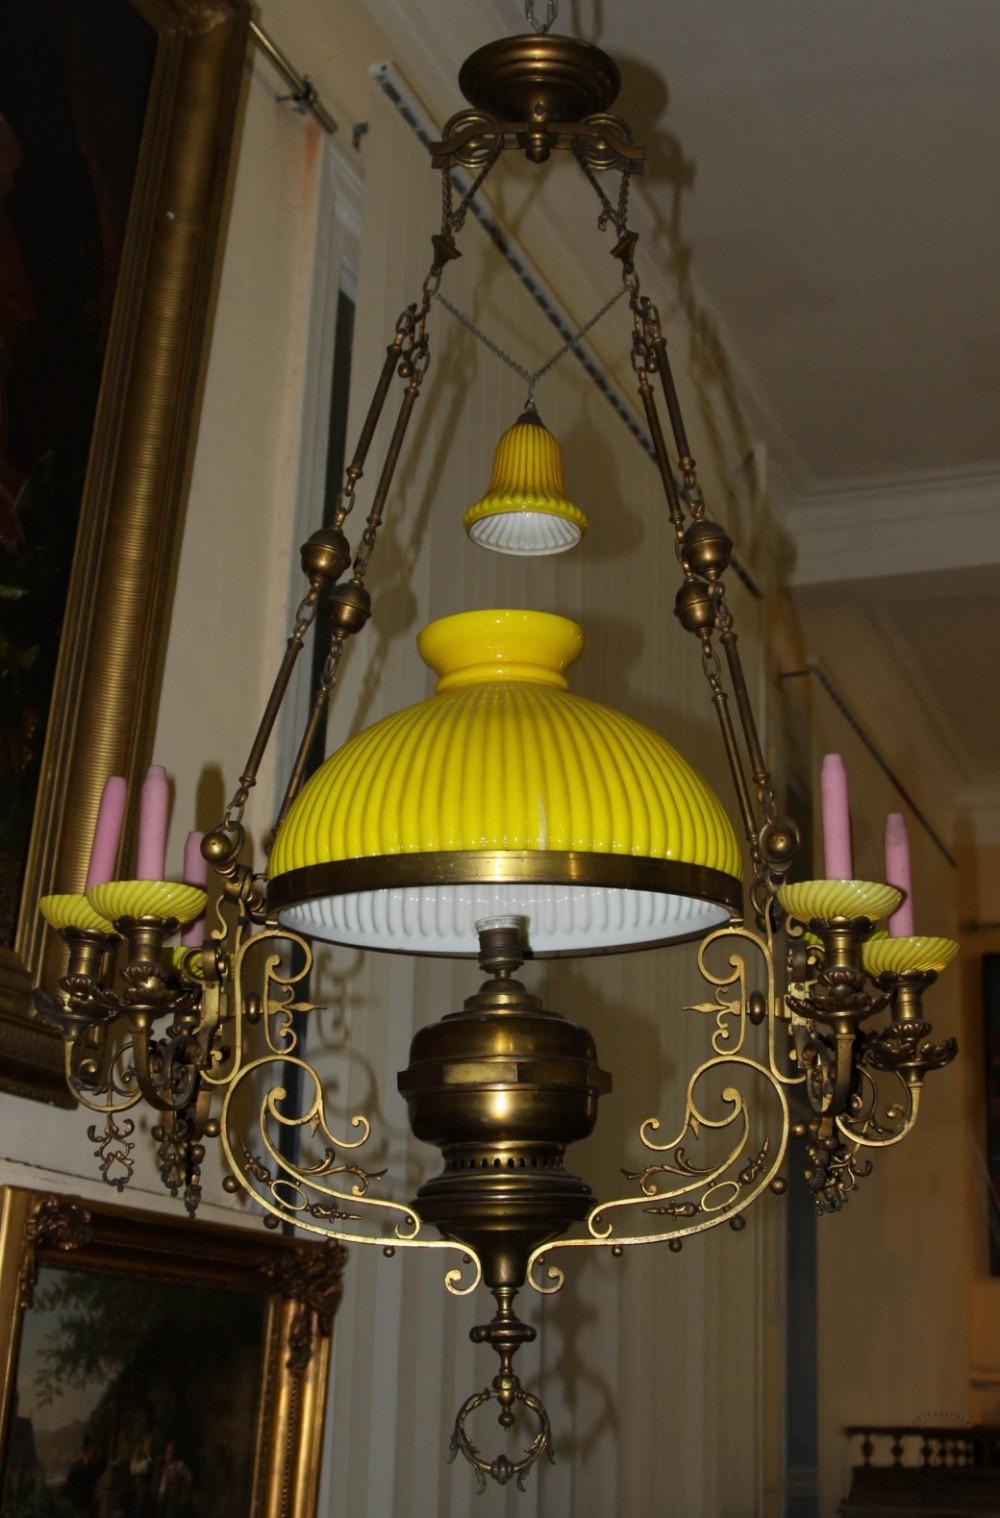 Люстра бронзовая на семь точек (керосиновая лампа) в эклектичном стиле с желтым стеклянным плафоном